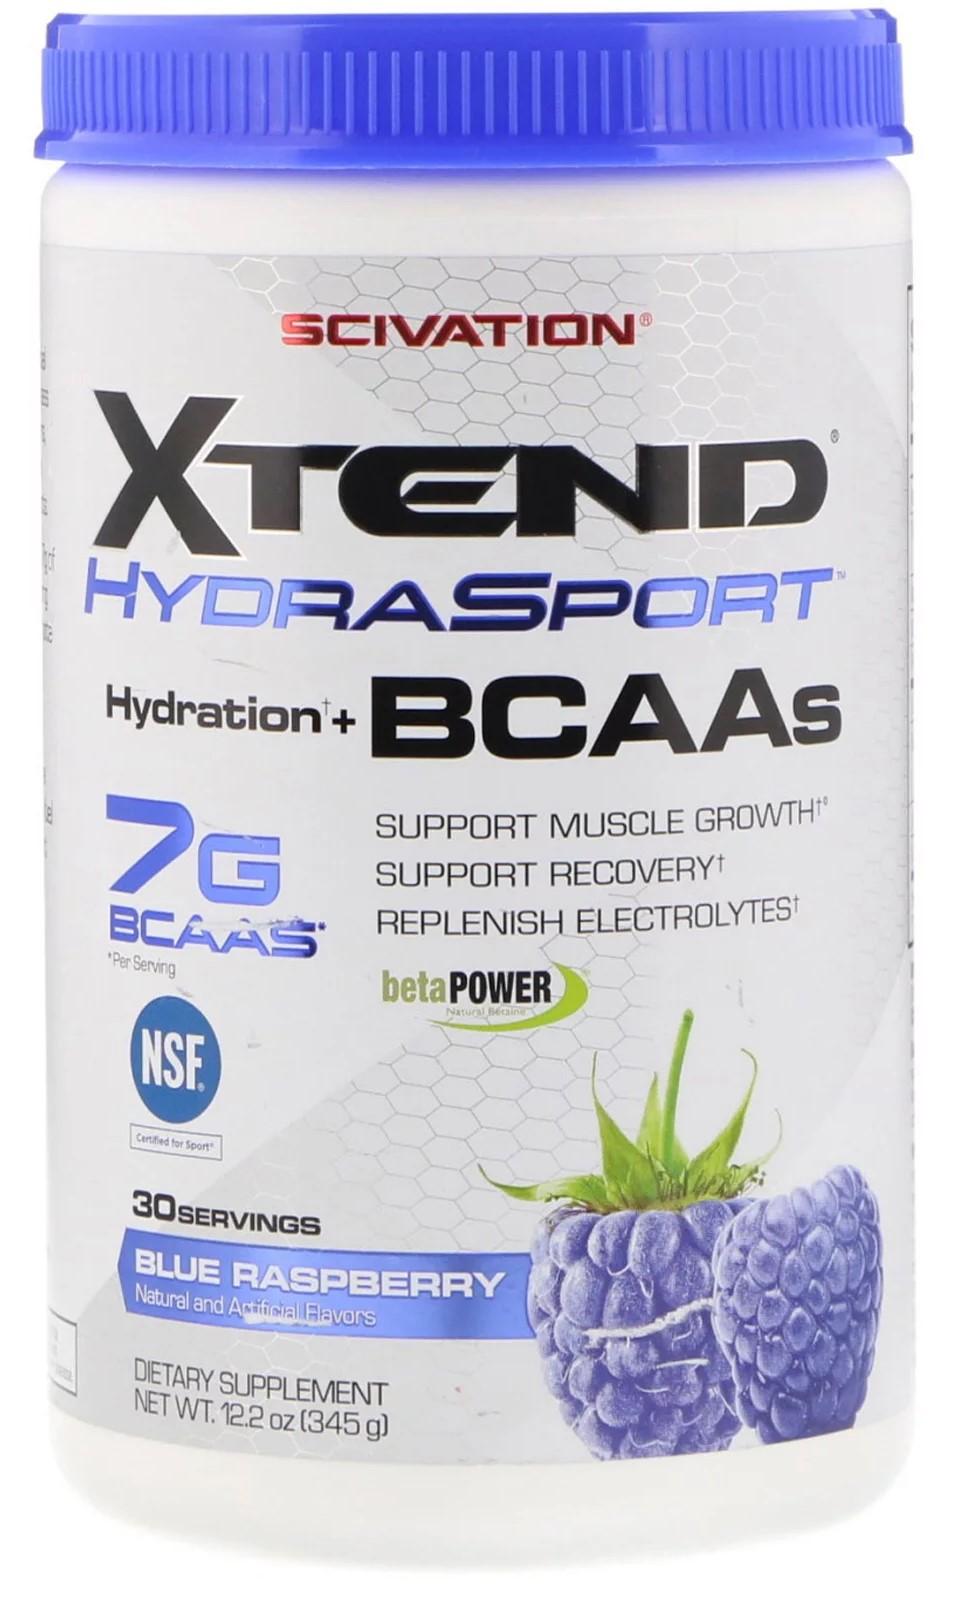 Xtend HydraSport, Blue Raspberry - 345g versandkostenfrei/portofrei bestellen/kaufen